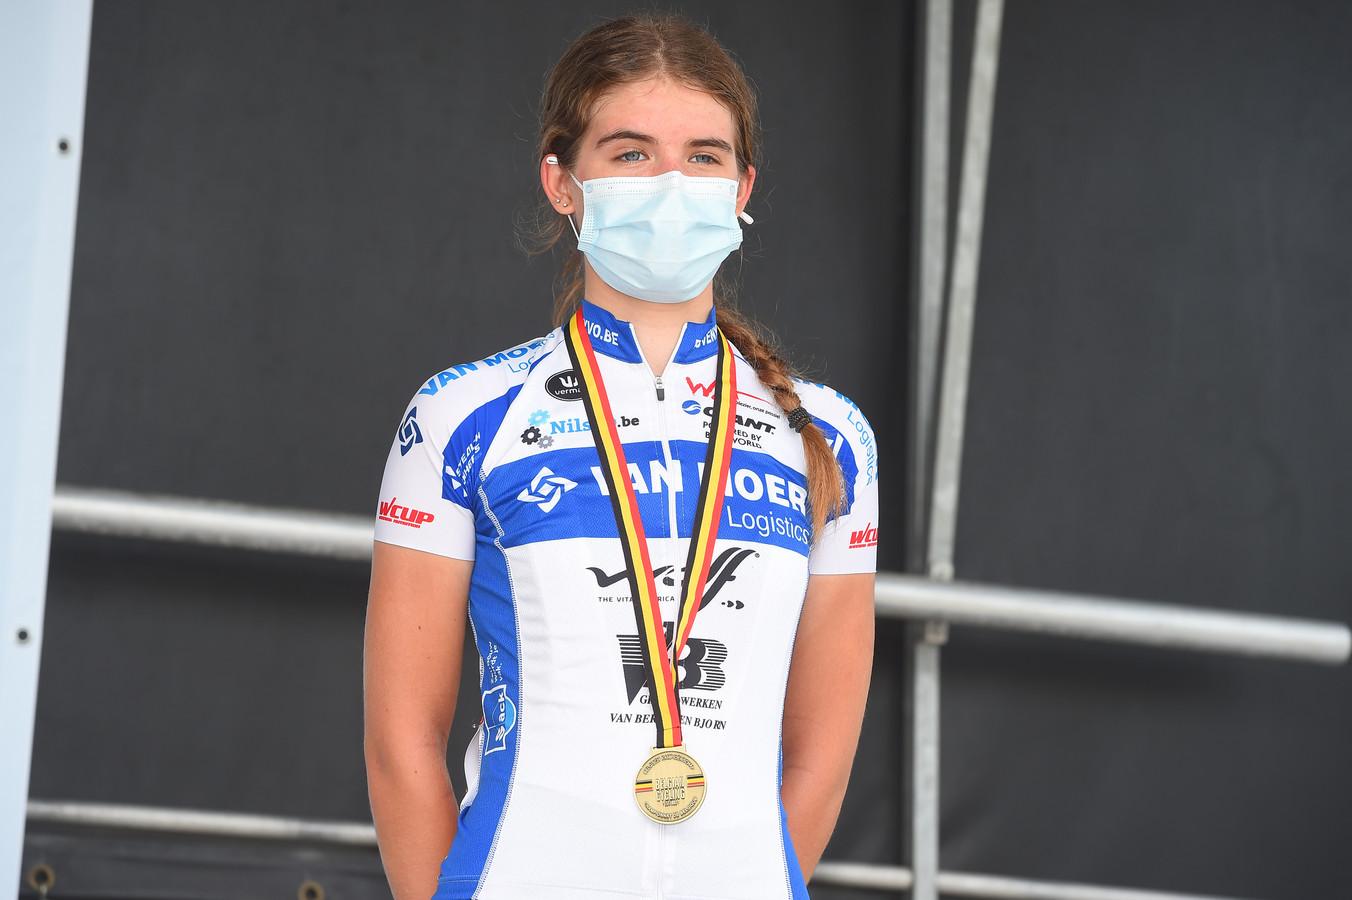 Dina Boels werd derde op het BK bij de meisjes-nieuwelingen.